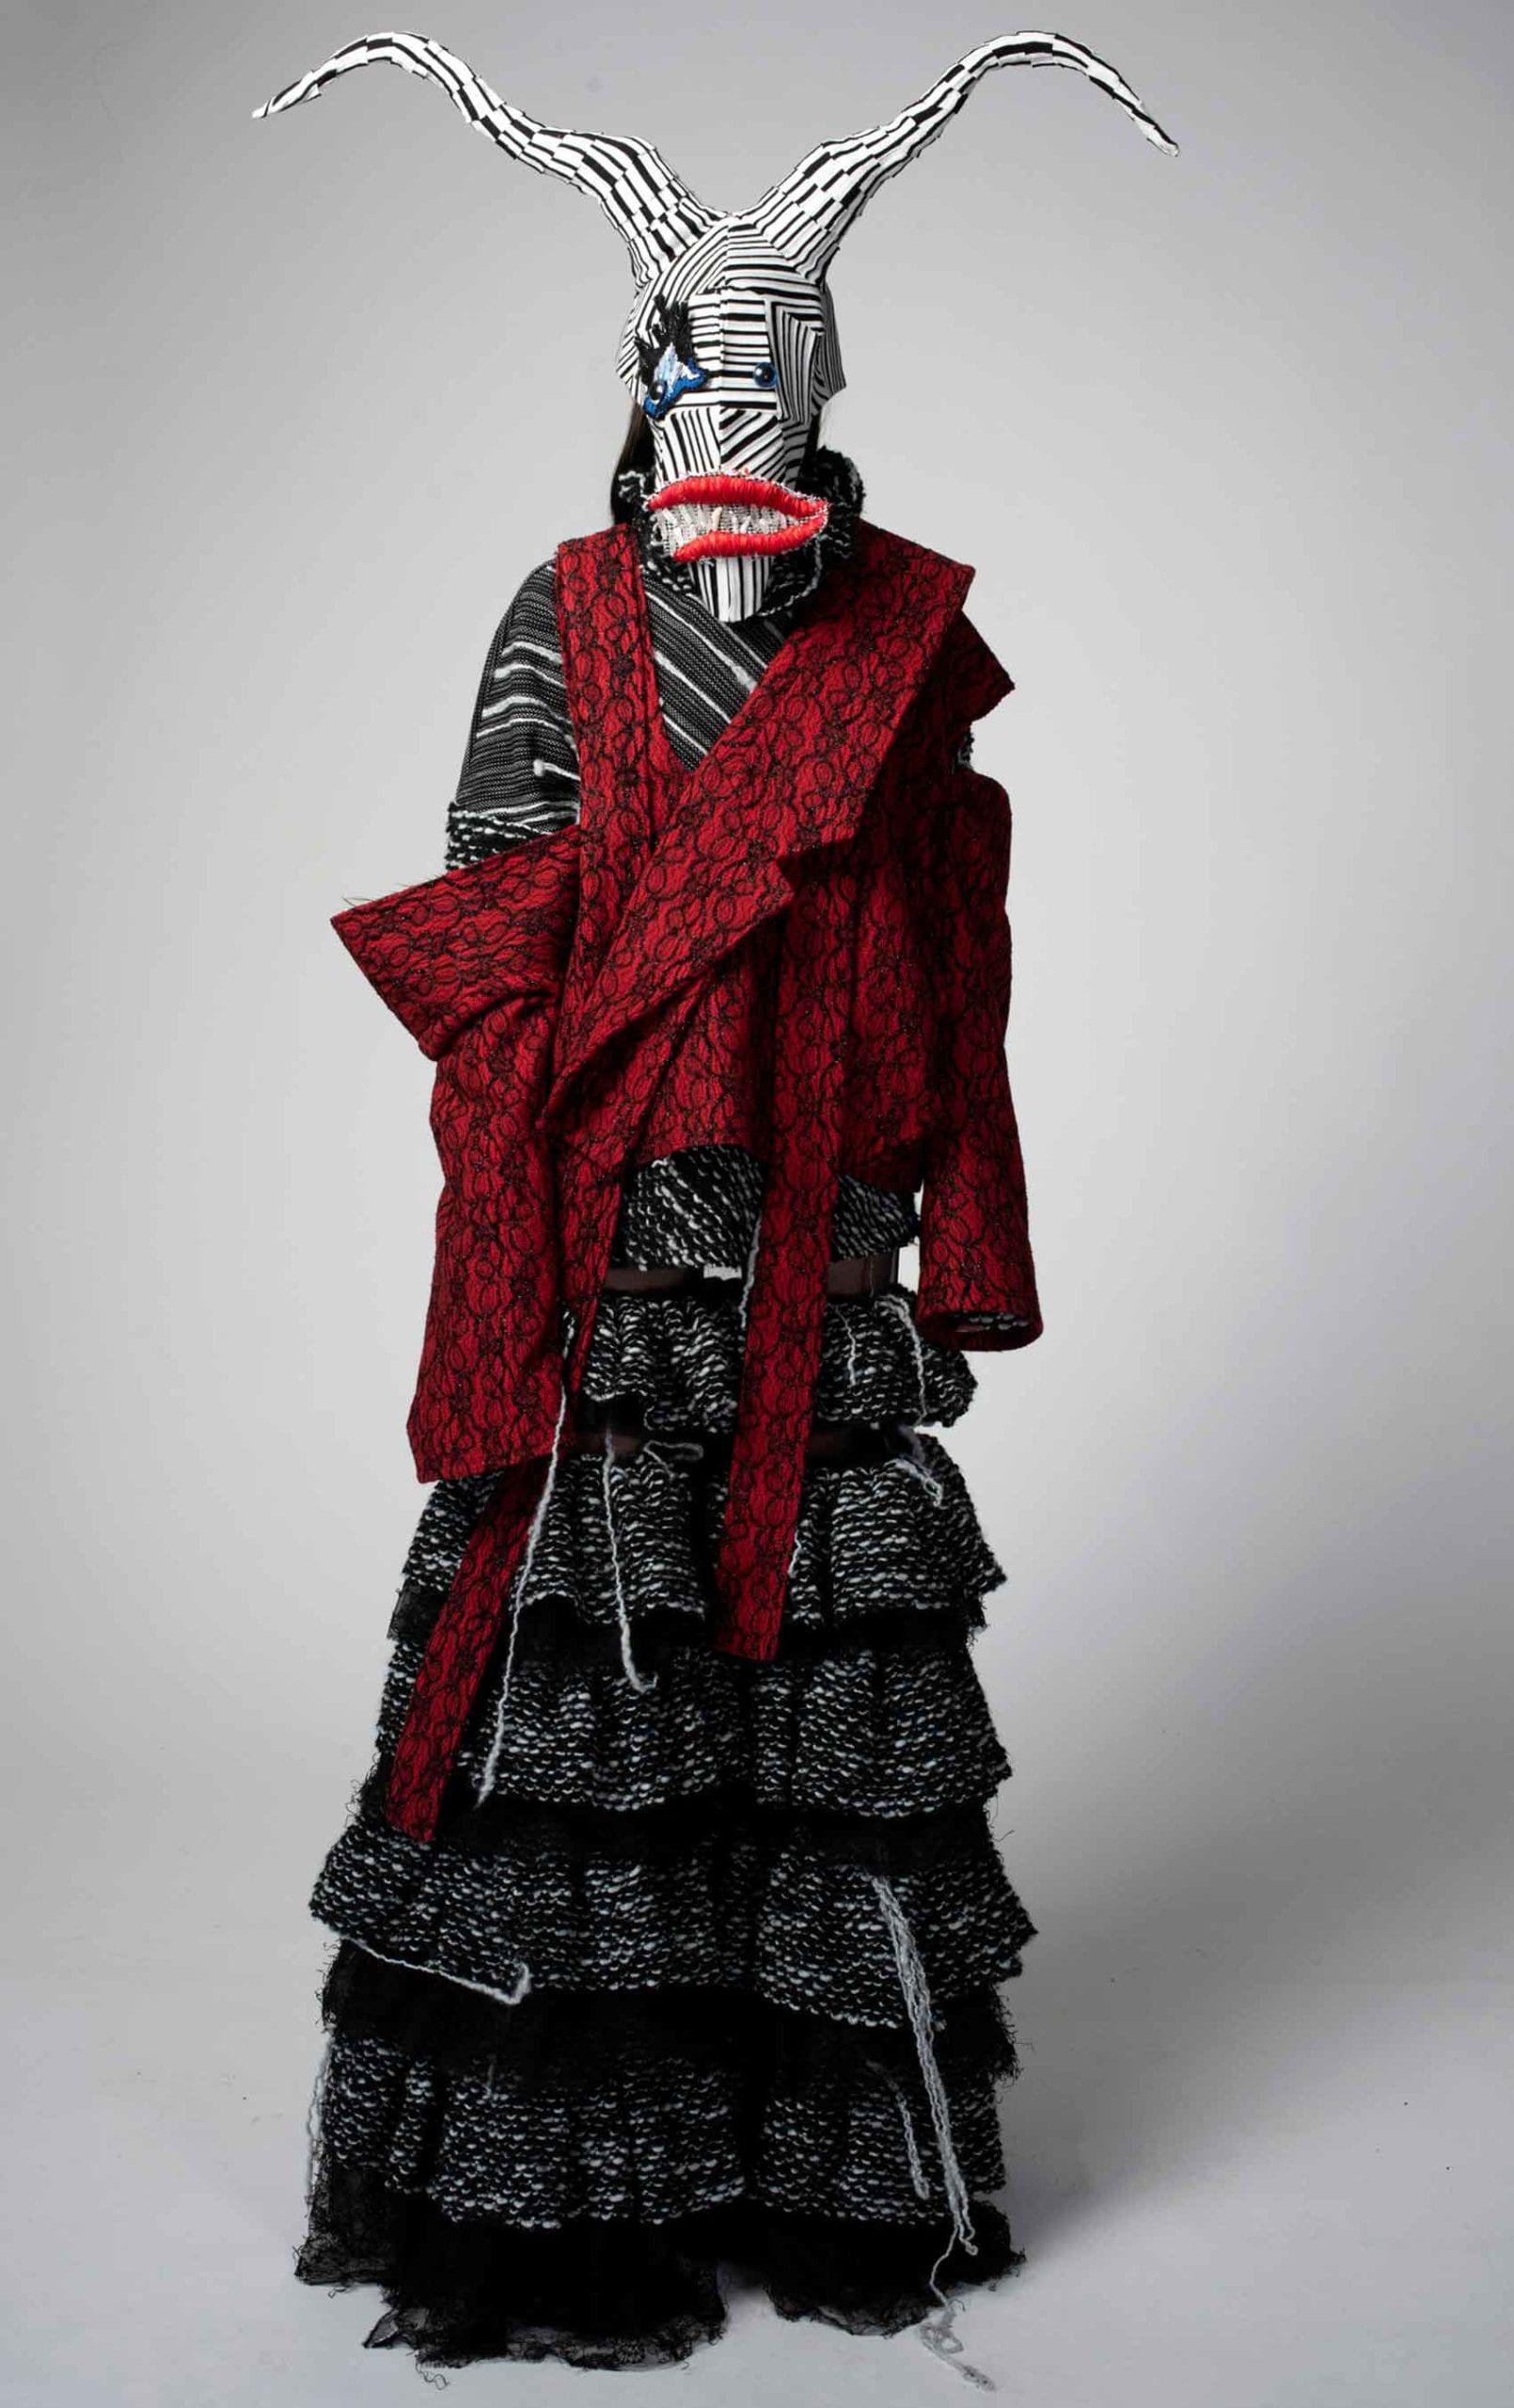 הפרעה נפשית - נטע אילוז, קולקציית גמר, ויצו חיפה, עיצוב אופנה